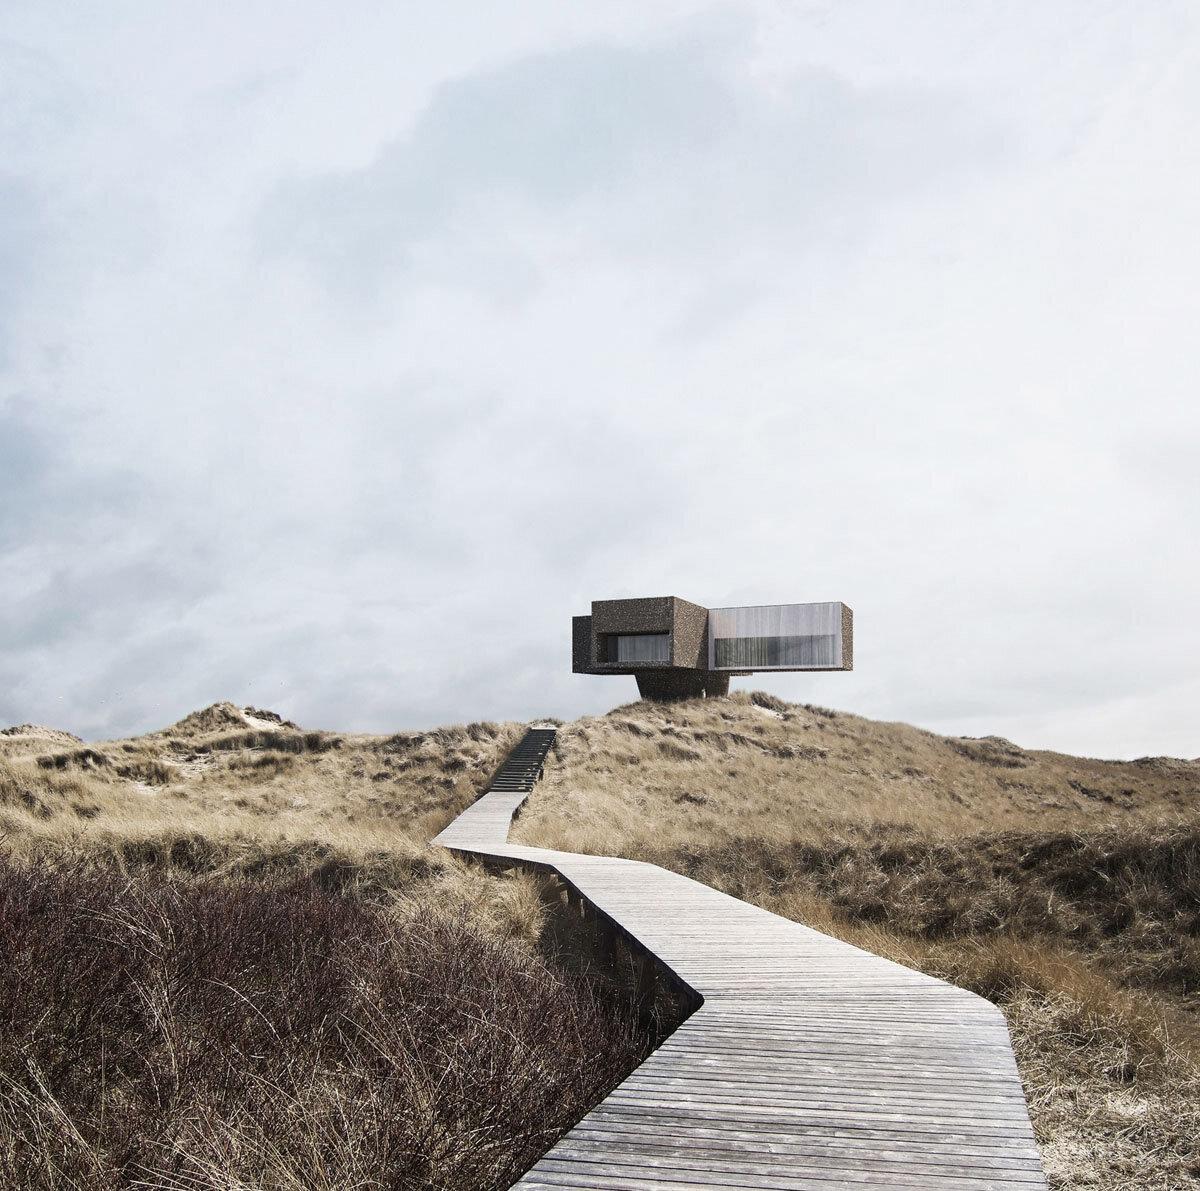 Studio-Viktor-Sørless-Dune House-Visual Atelier 8-Architecture-3.jpg